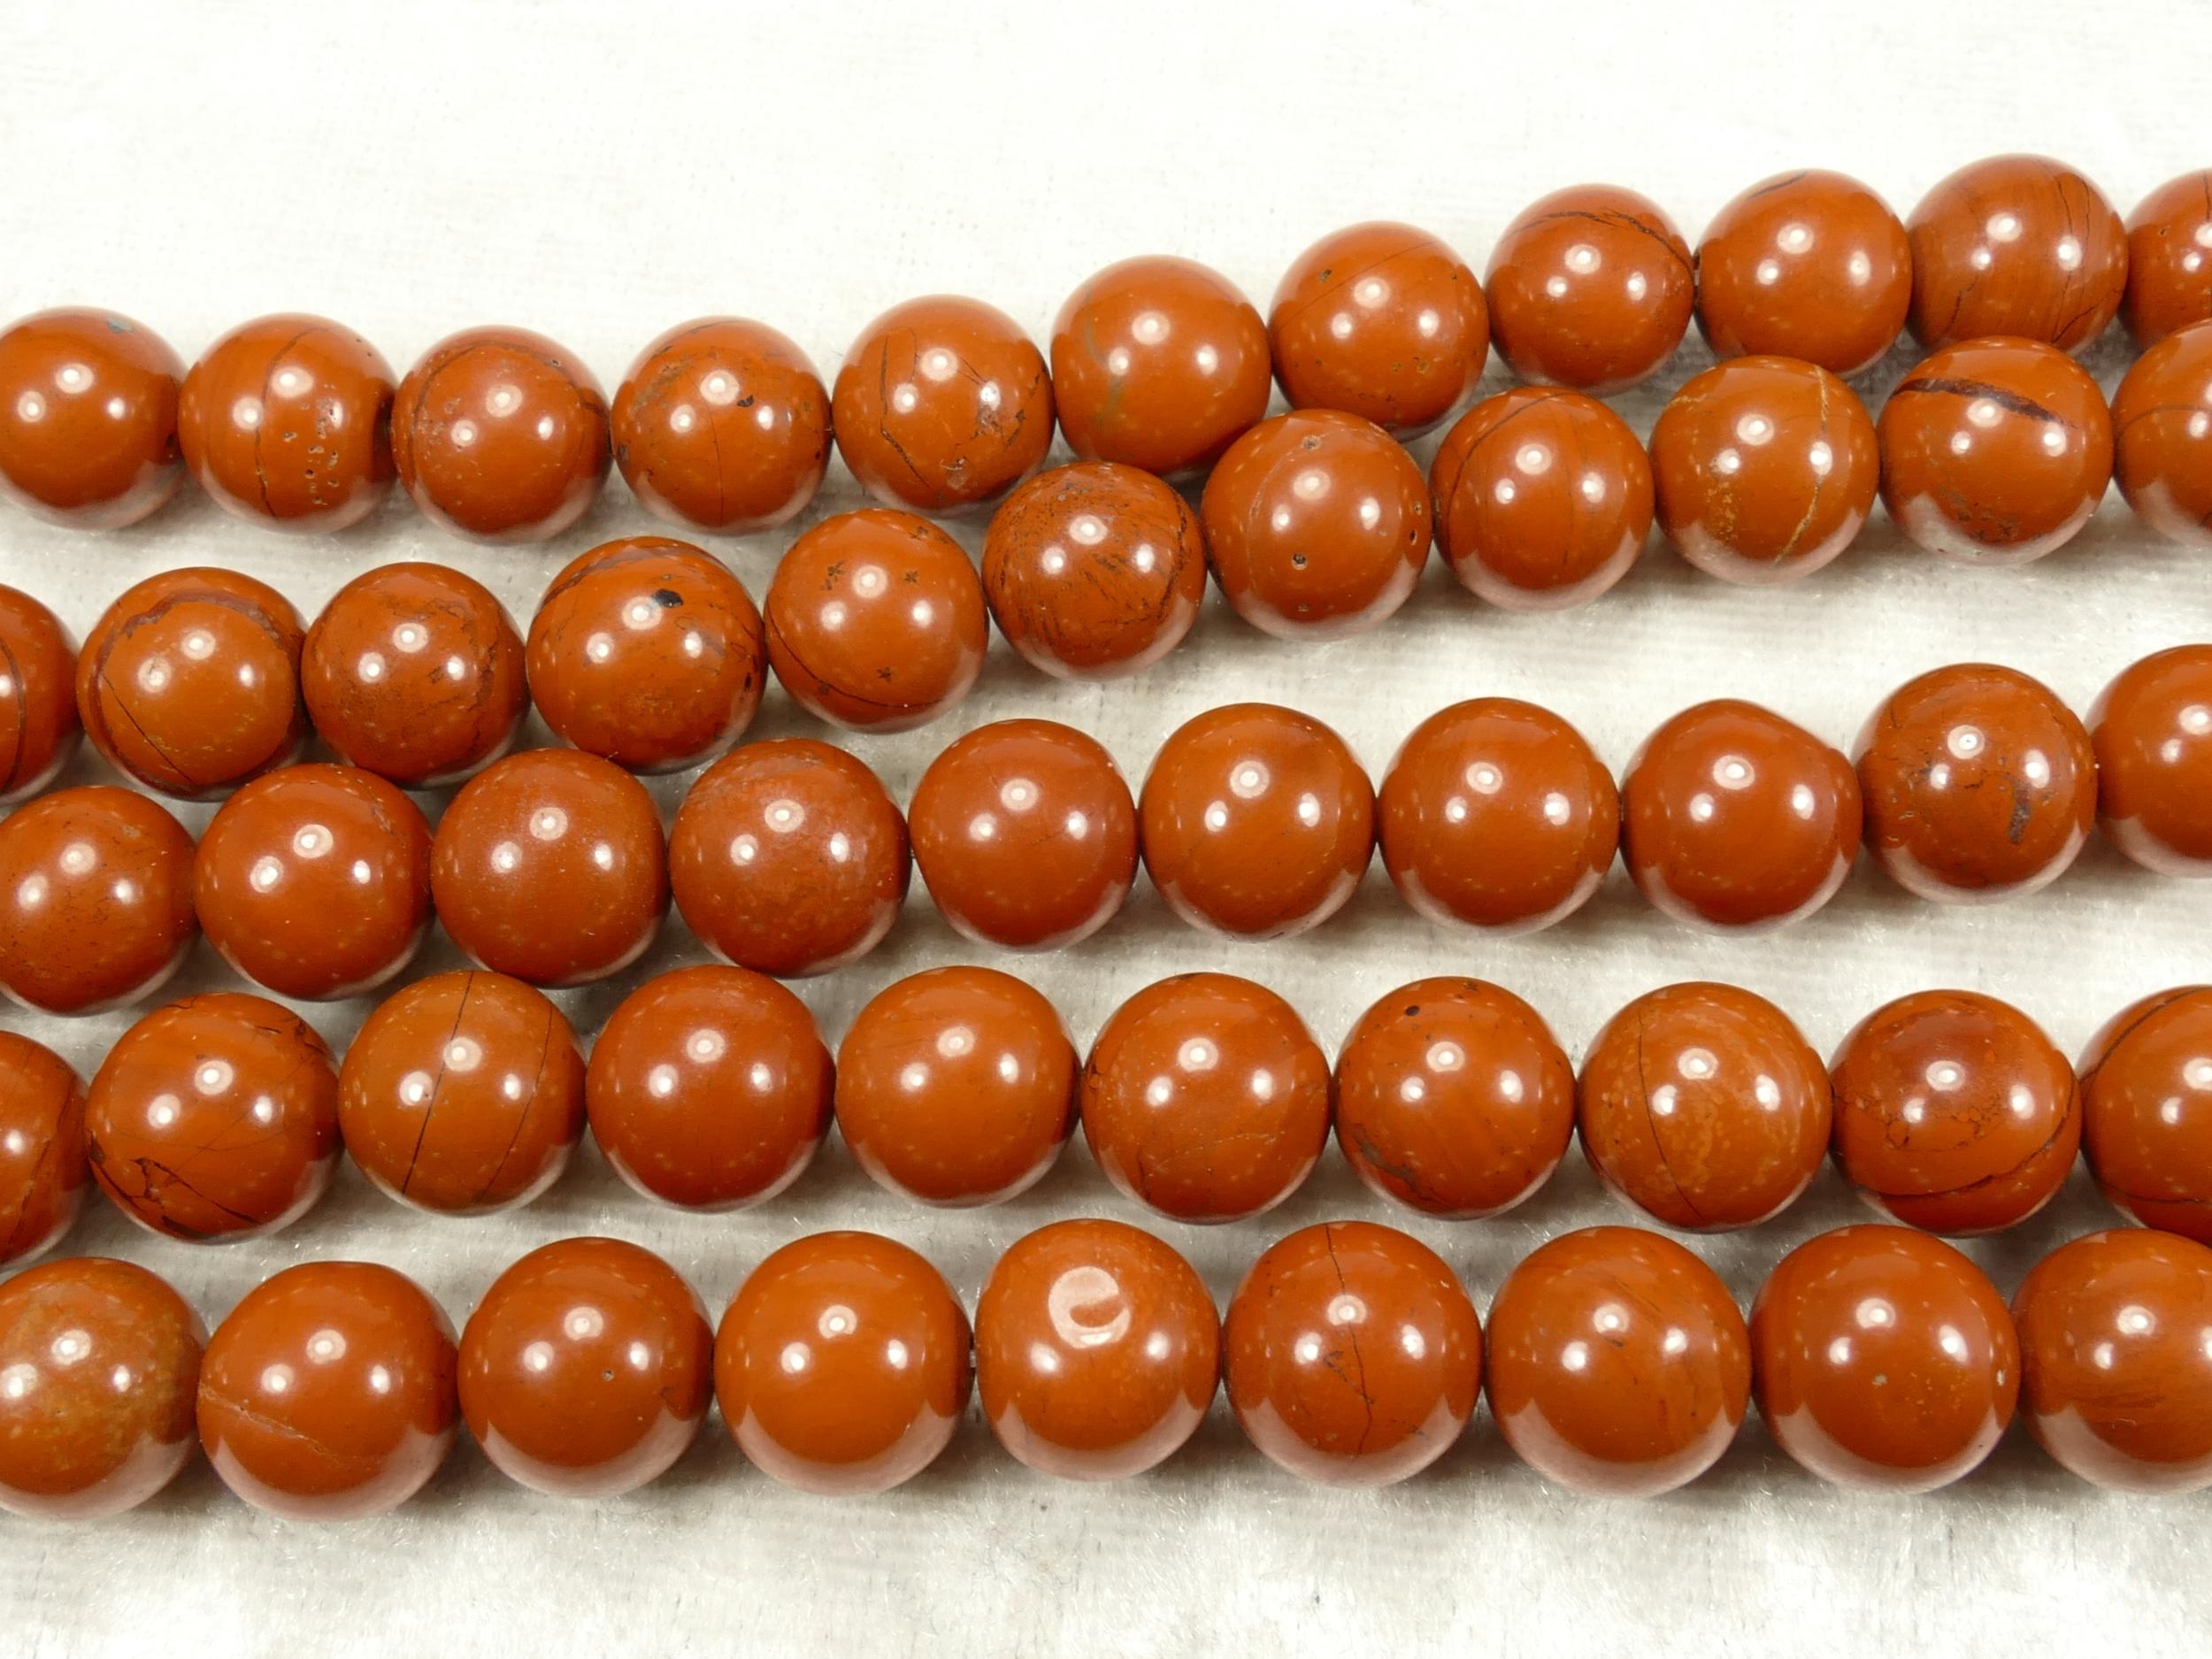 10.1/10.7mm x20 Perles de Jaspe rouge naturel en boule / ronde lisse rouge terre ocre (#AC701)